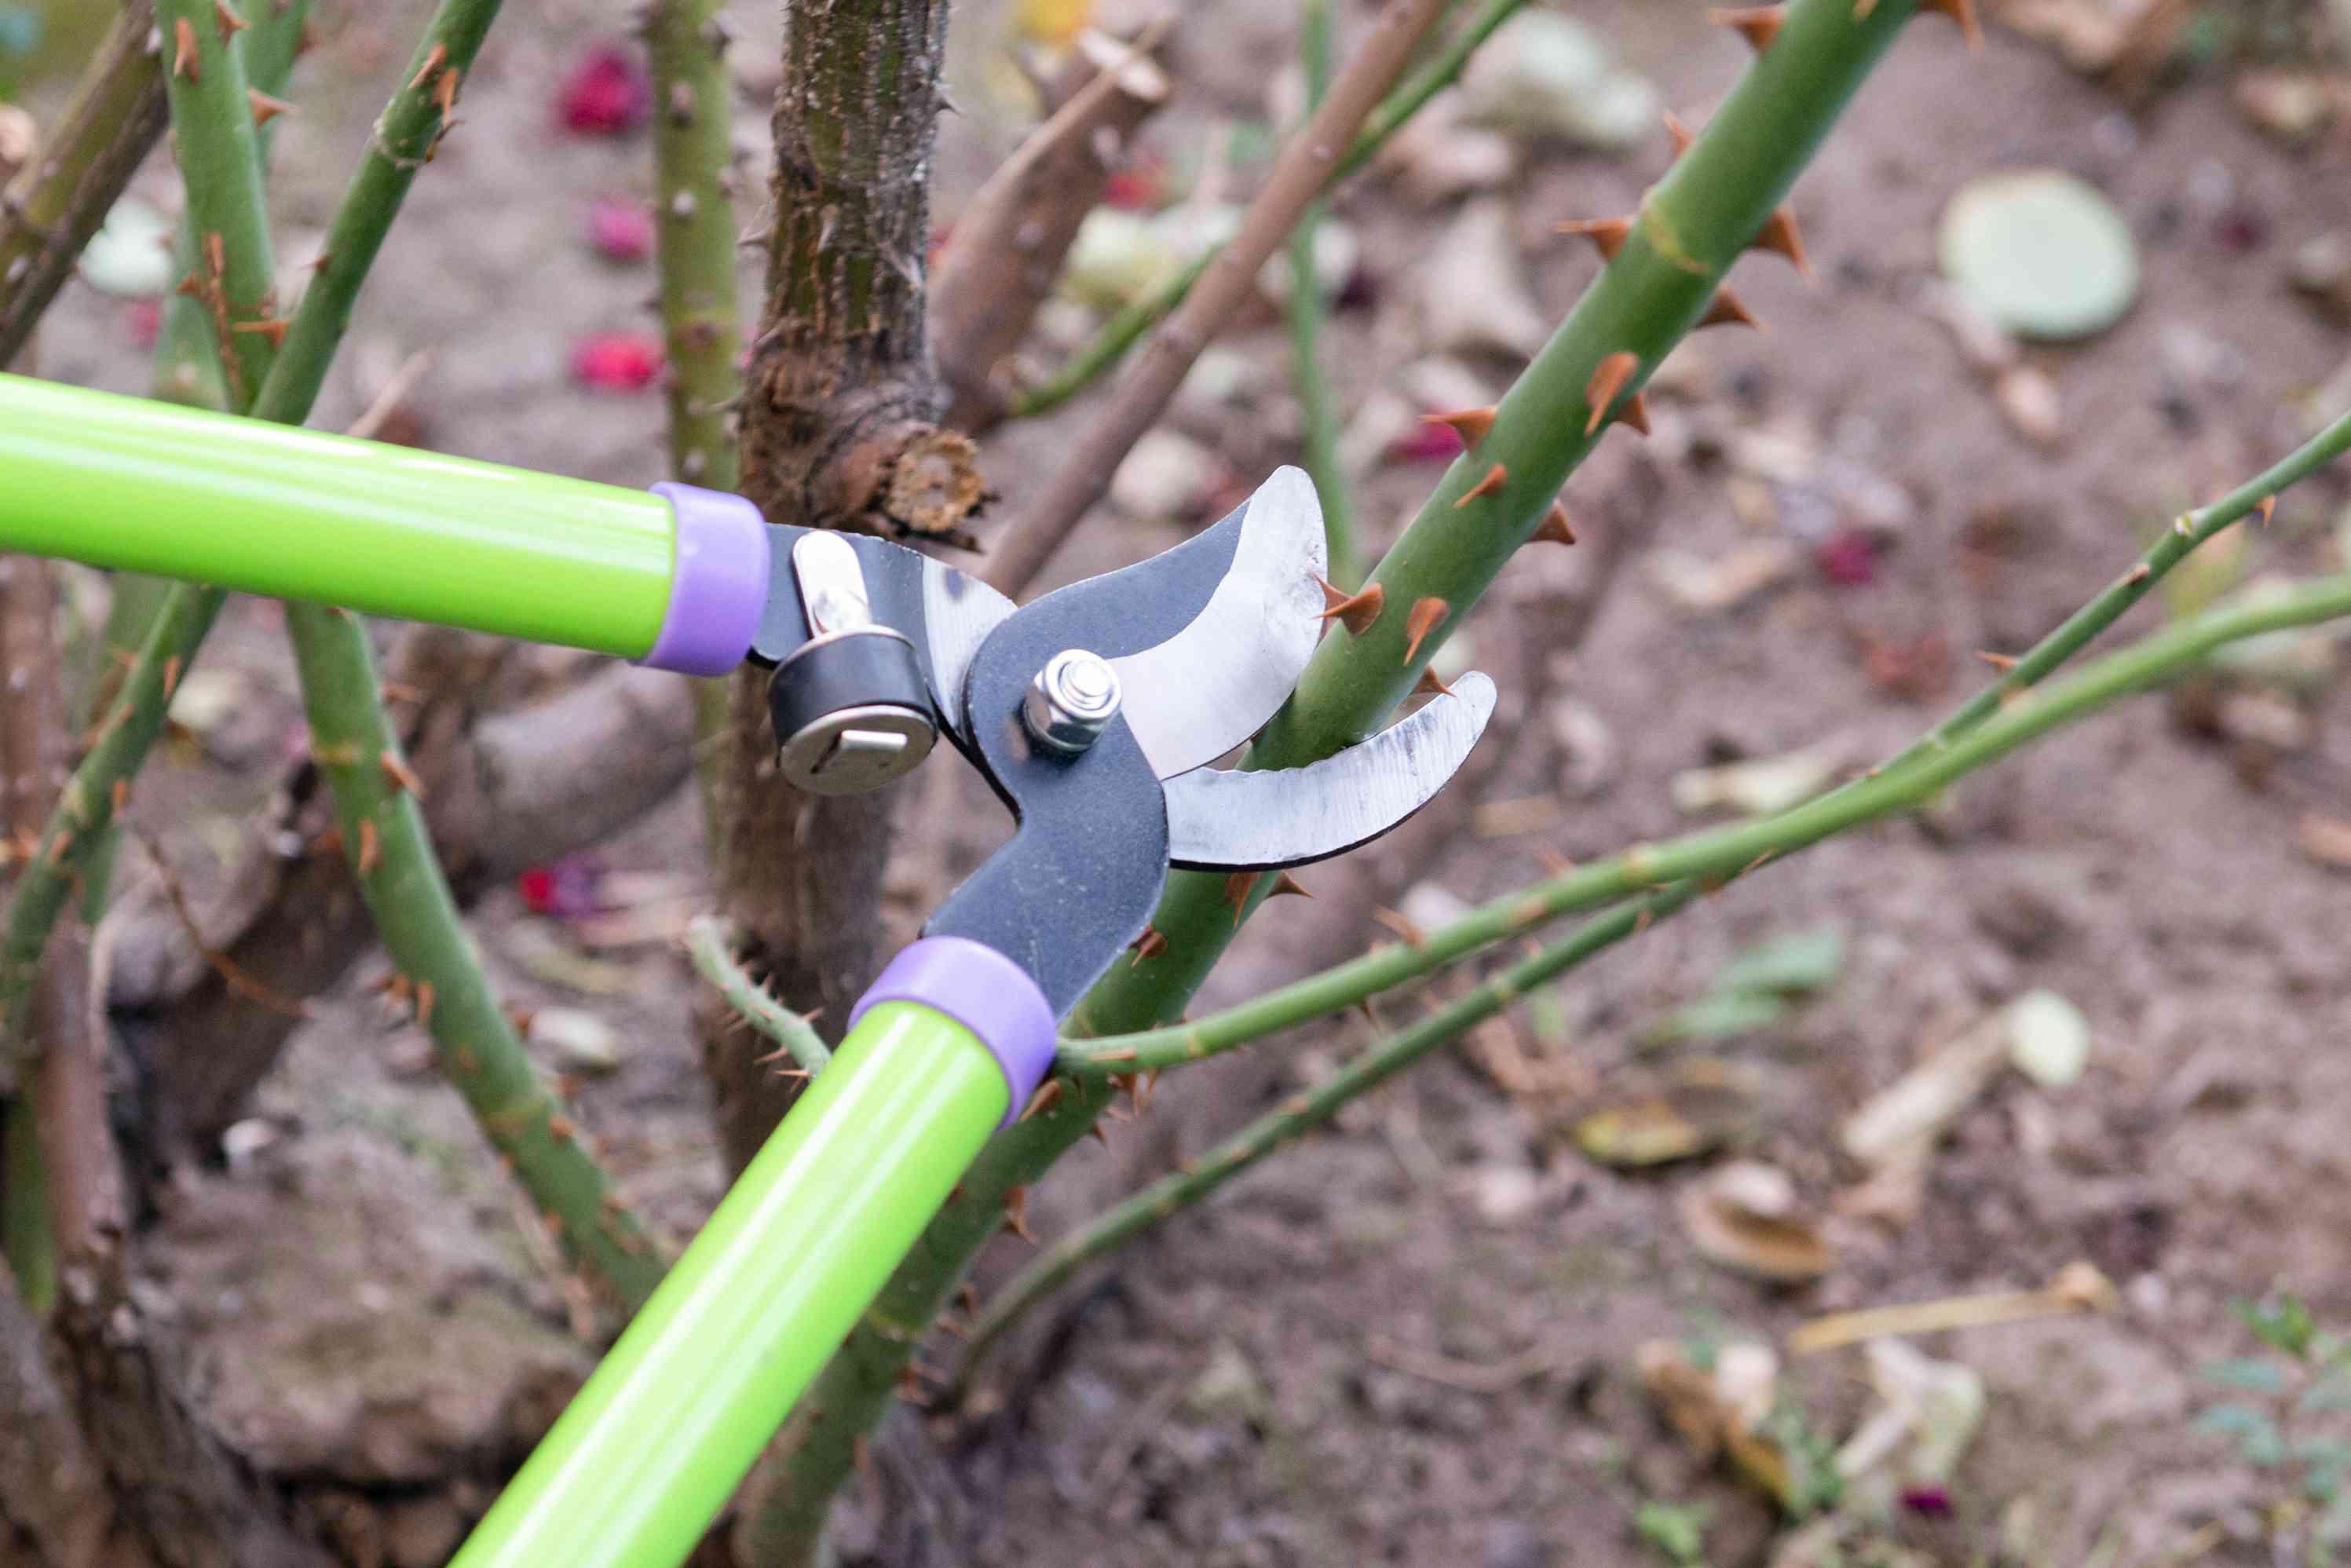 Green loppers pruning hybrid tea rose framework canes under living nodes